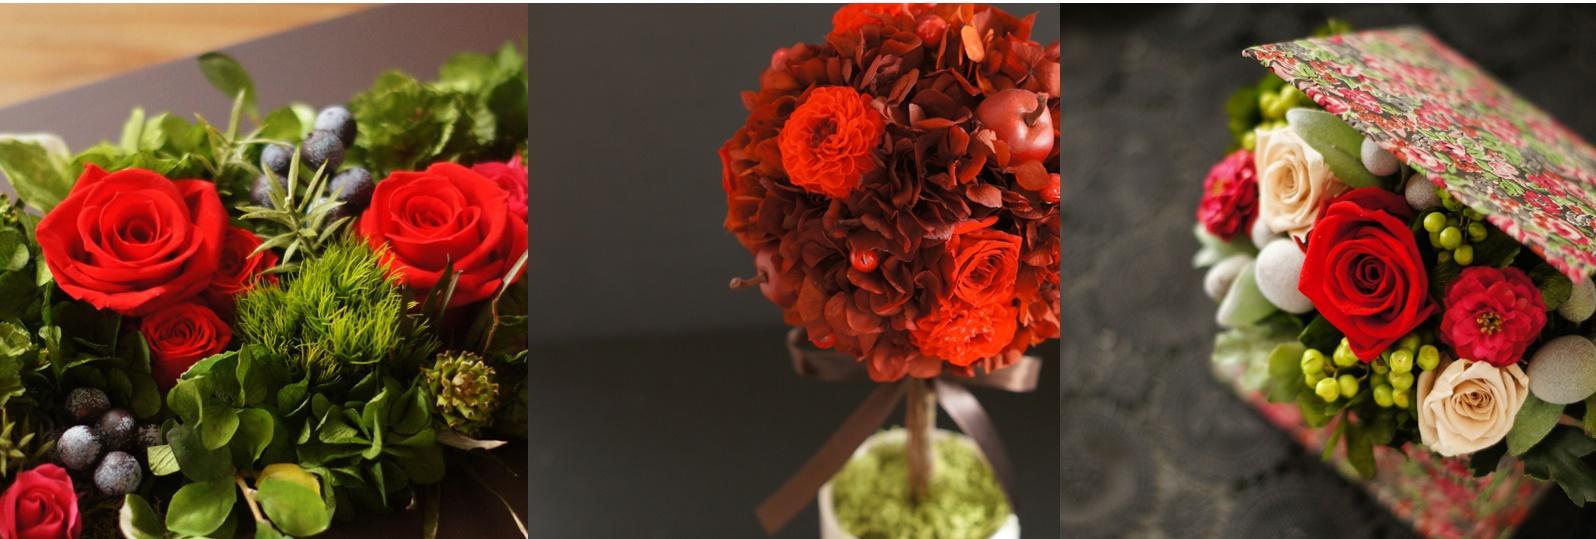 flowerstudio-licue